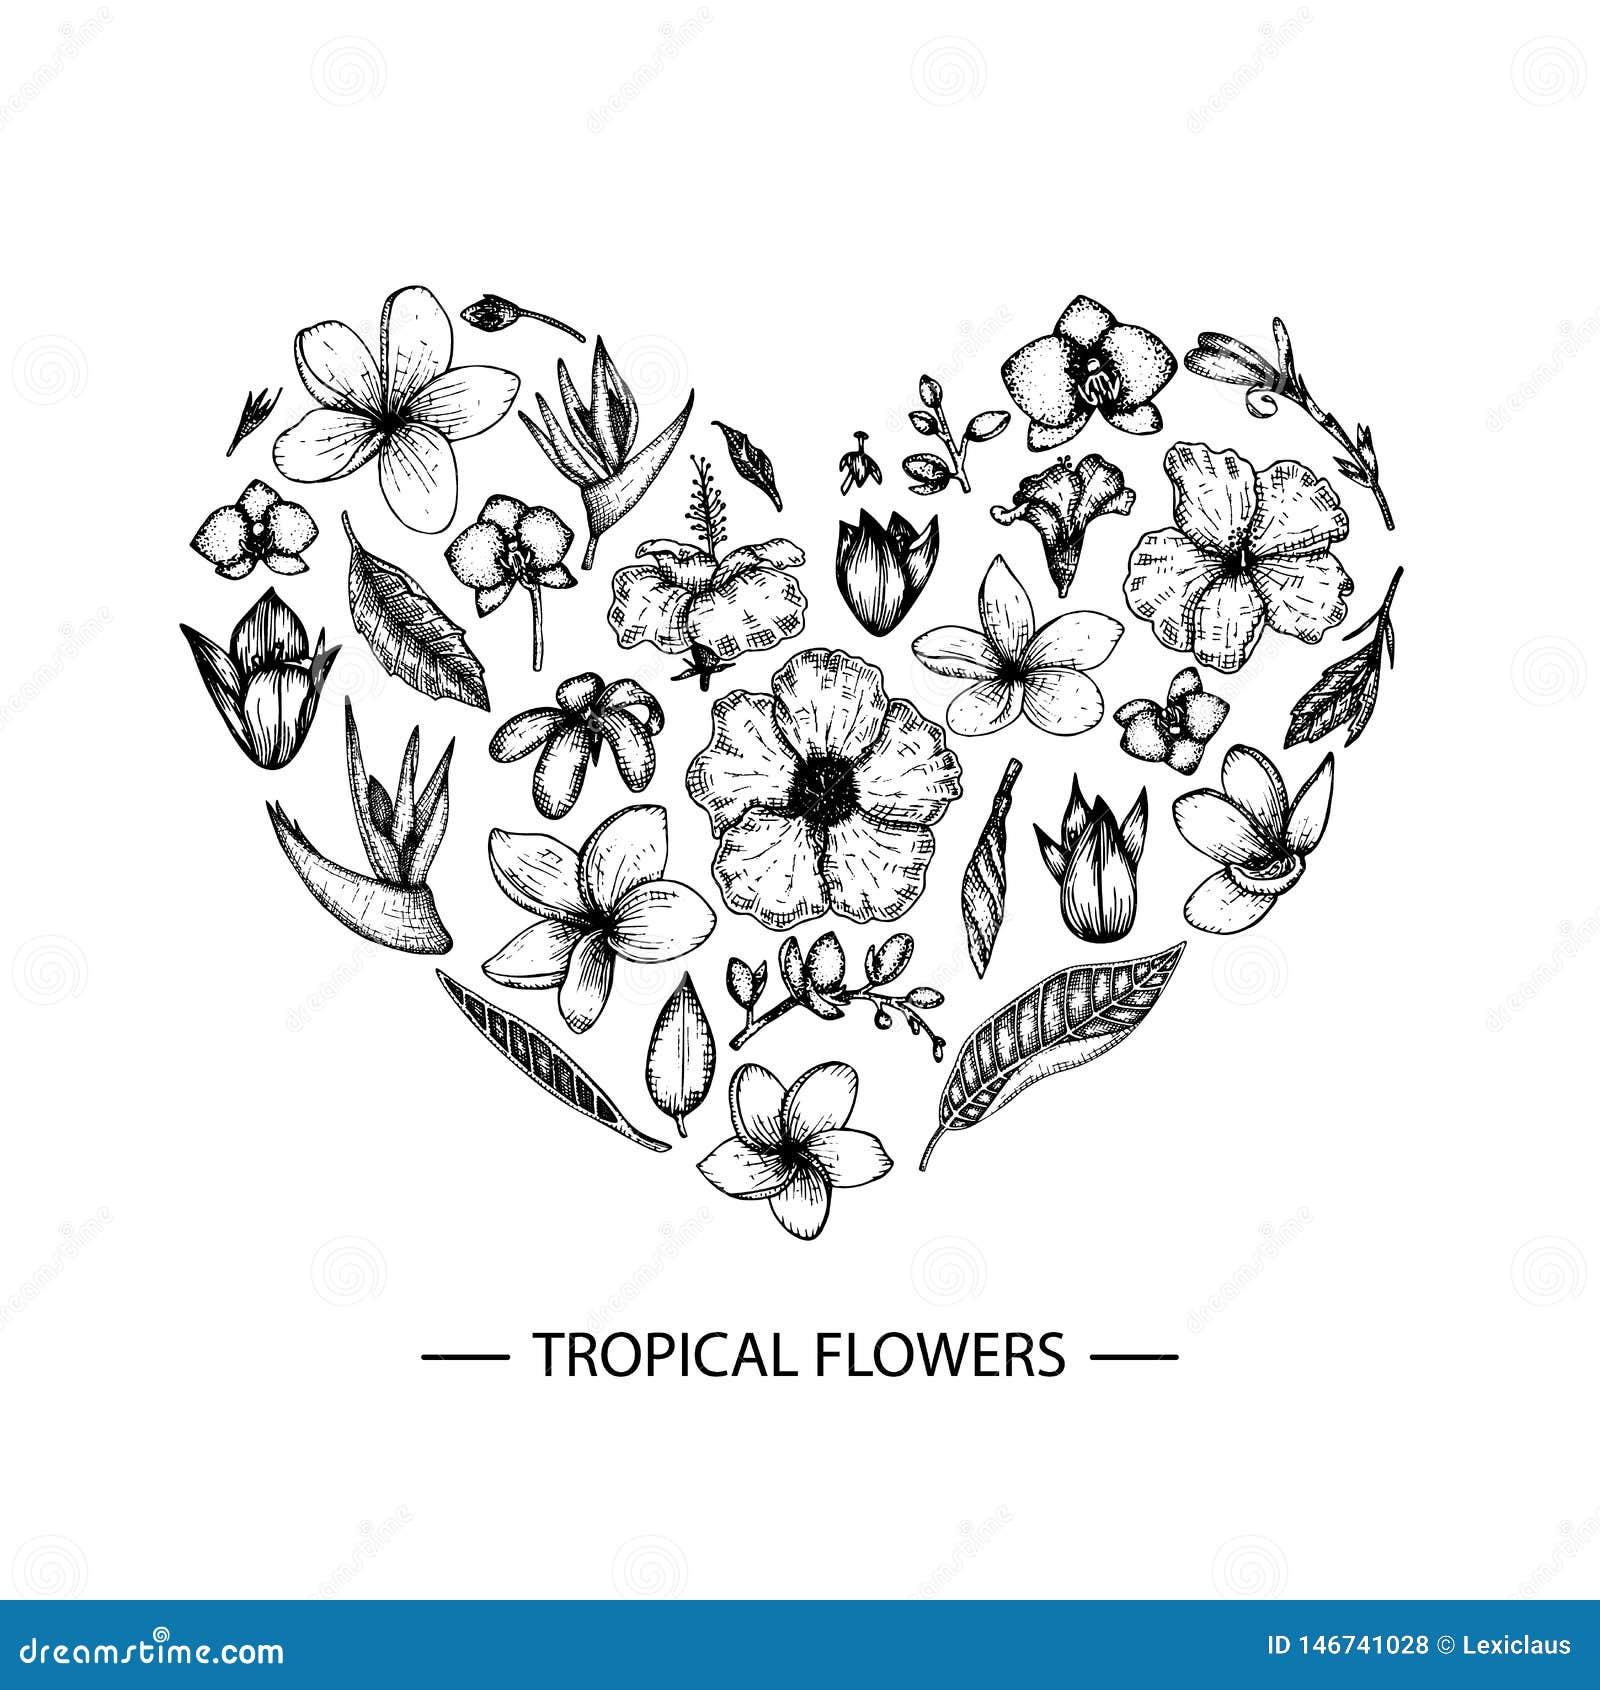 Διανυσματικά τροπικά λουλούδια που τίθενται σε μια μορφή καρδιών